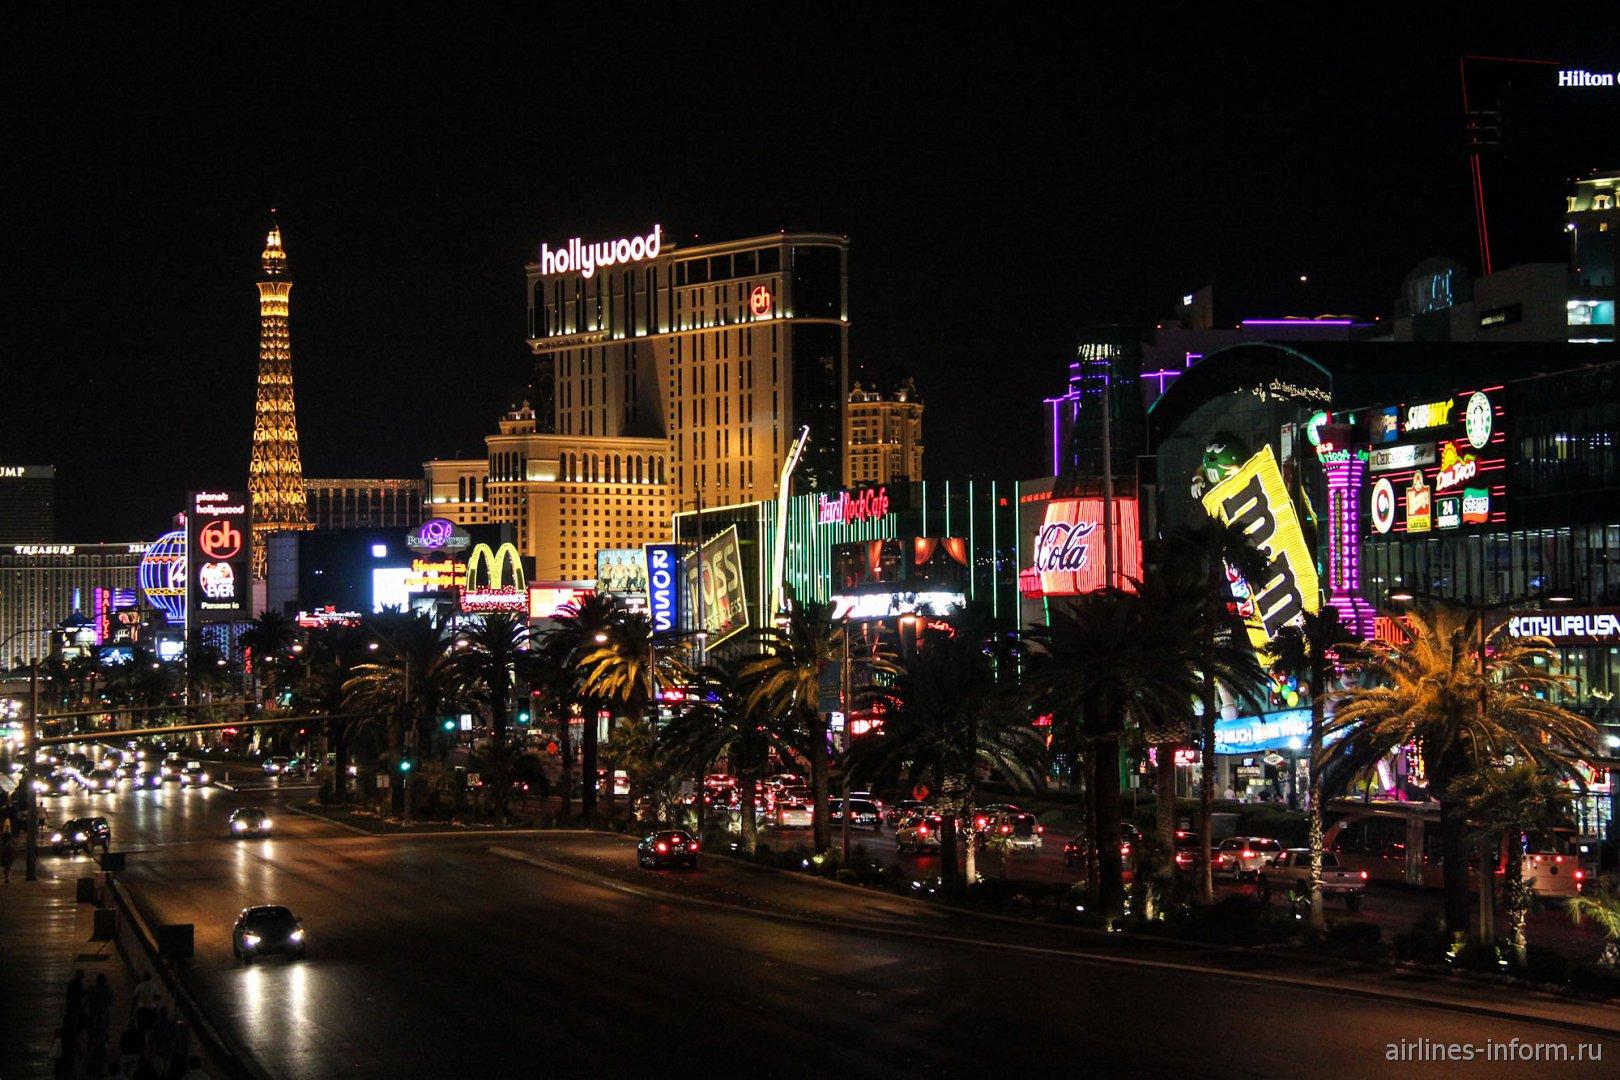 Улица Лас-Вегас-Стрип ночью